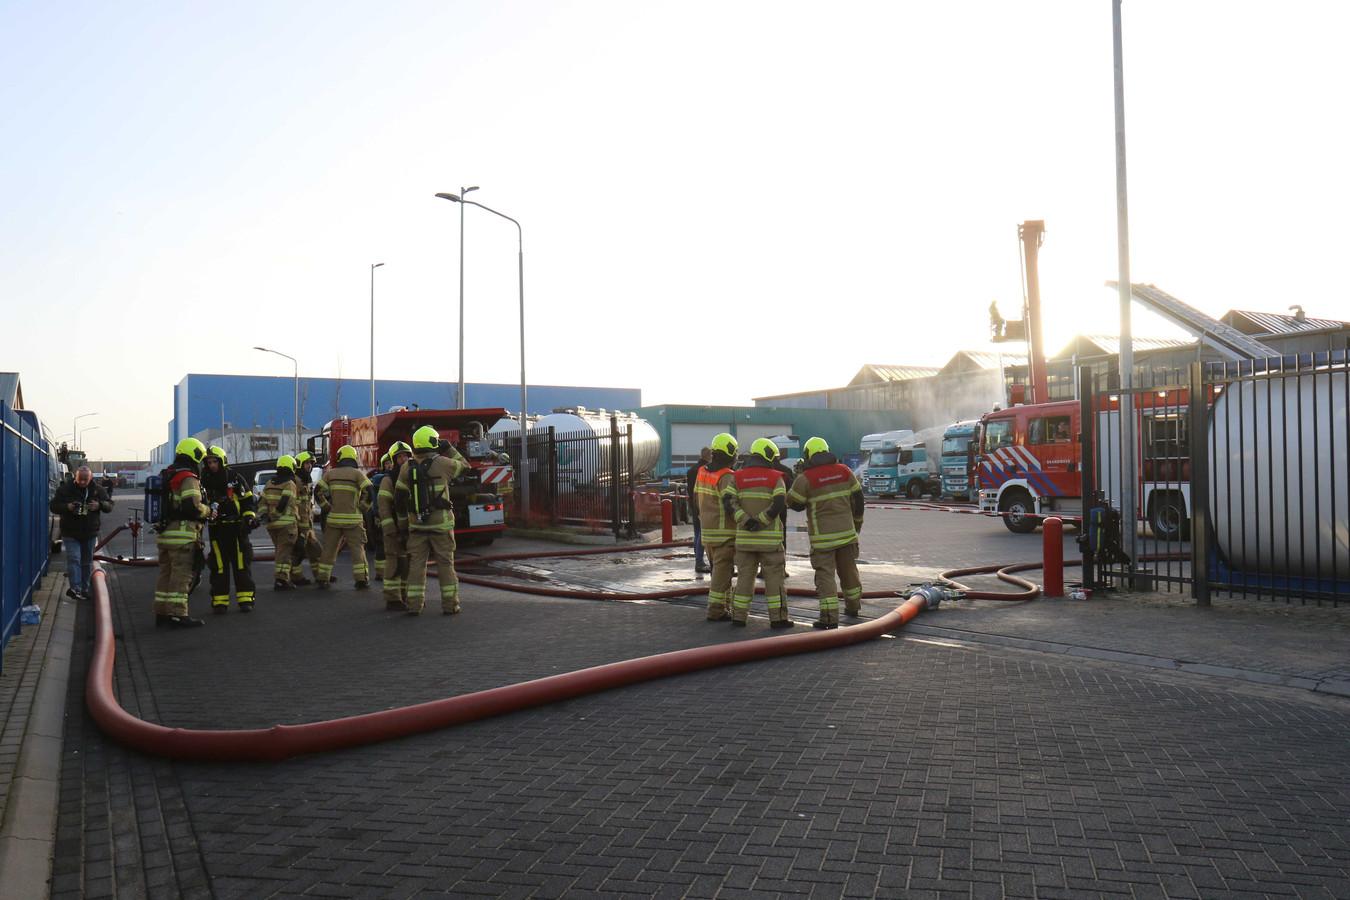 De brandweer was ter plaatse bij de tankwagen waar afgelopen zaterdag giftige gassen vrij waren gekomen. In een groot deel van Midden-Nederland zorgde het gas voor stankoverlast.